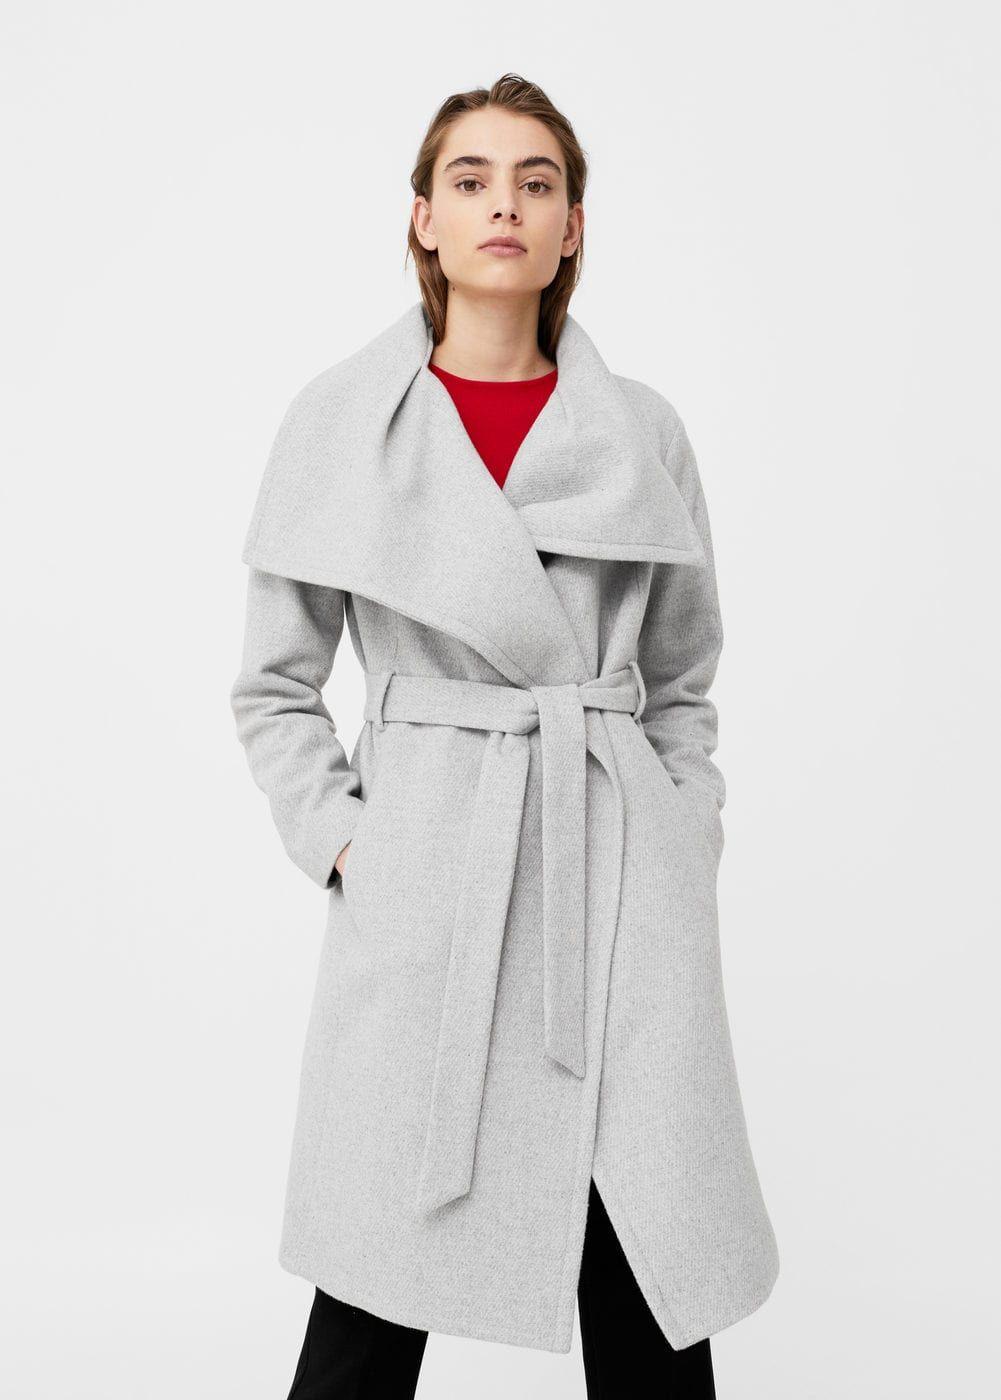 Blend Coat It Lapel Pinterest Women Wool Mango Wide Wear EqSfAwnx